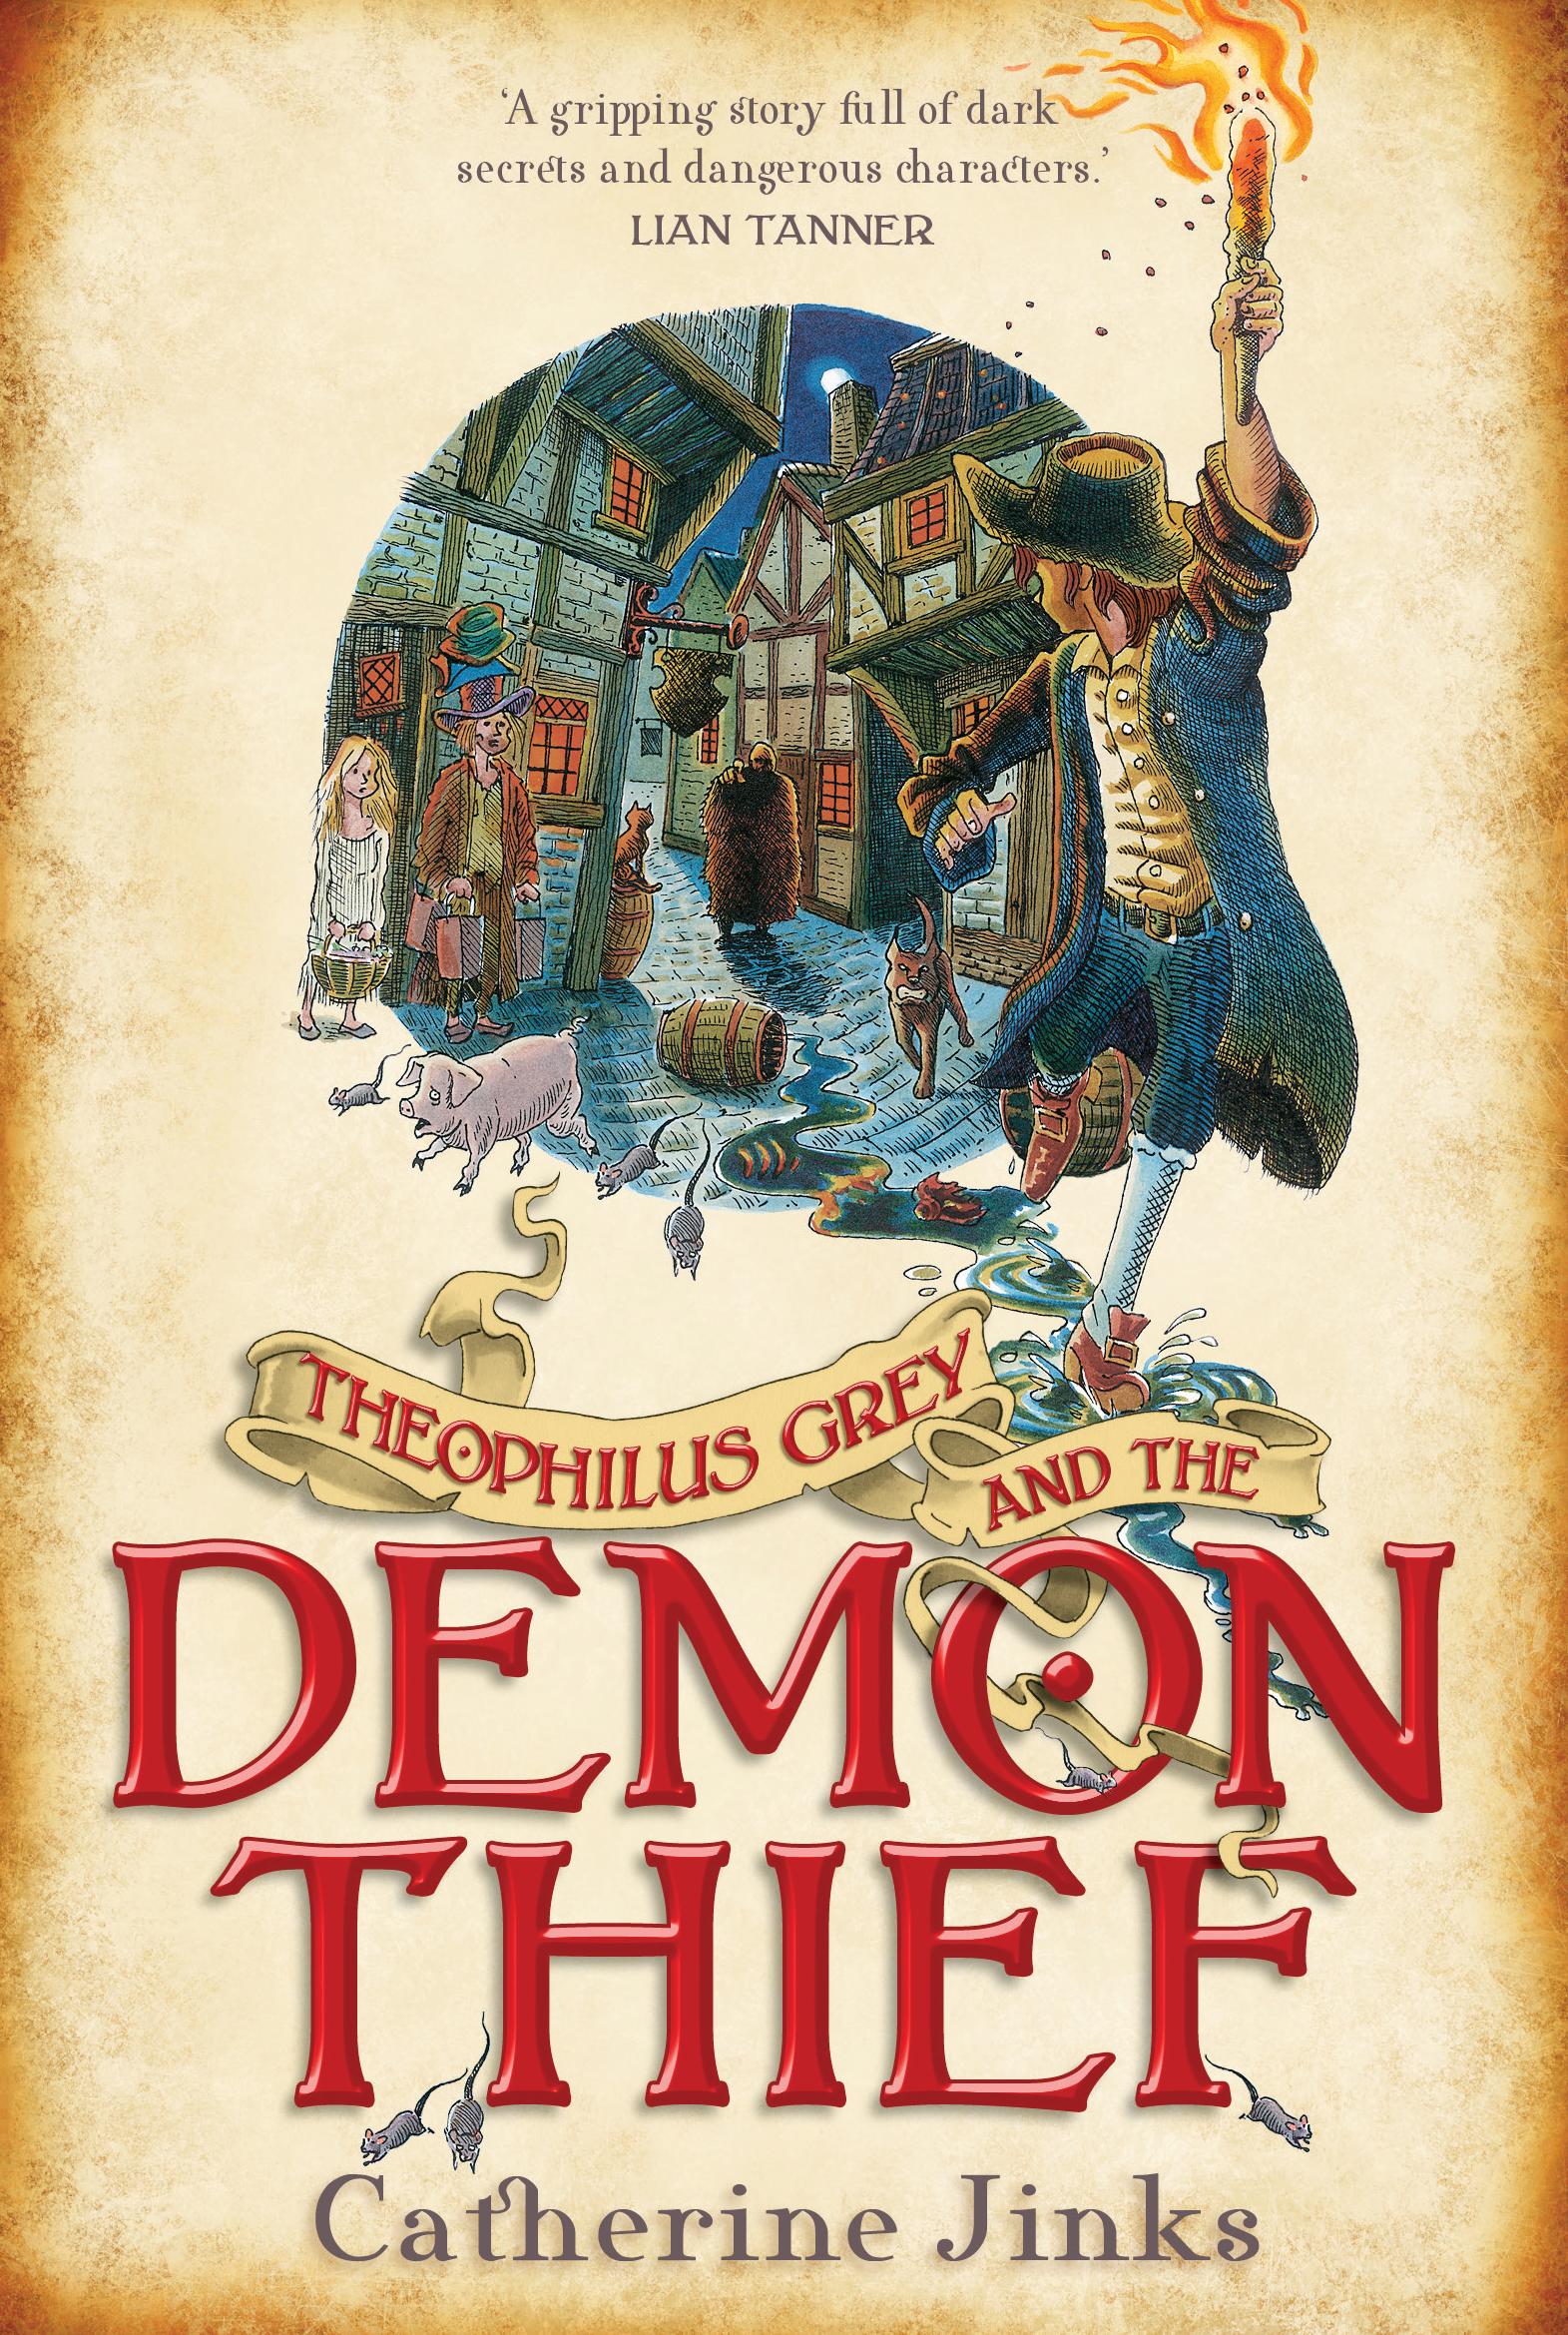 Скачать бесплатно книгу демон плюс